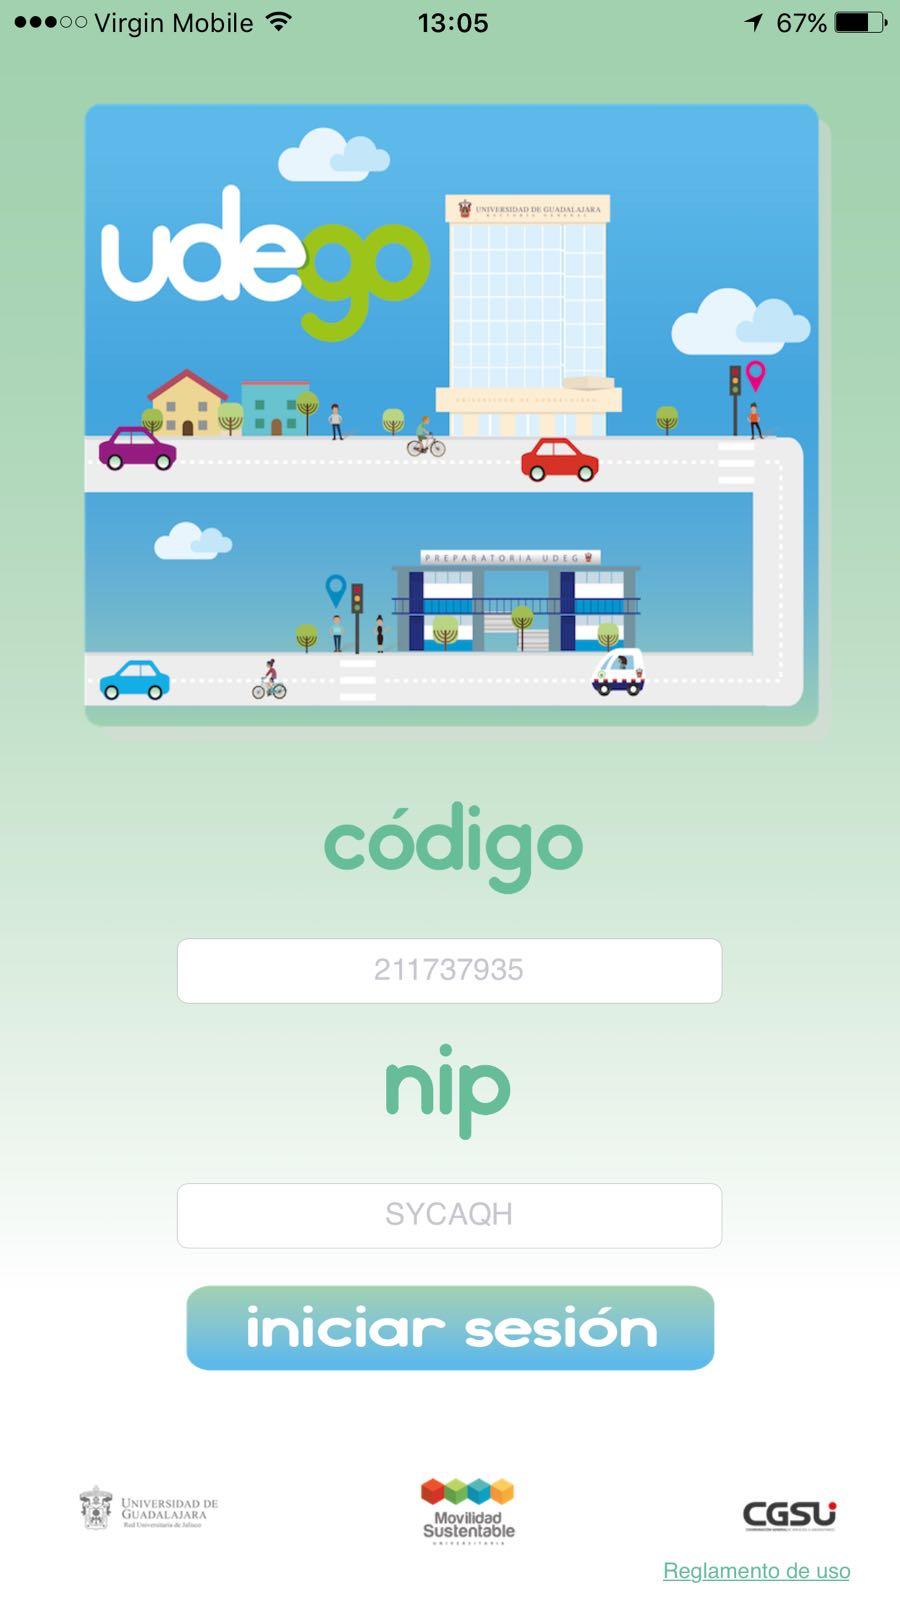 Aplicación móvil que buscará conectar a los estudiantes de la Universidad de Guadalajara para ofrecer y buscar rides de forma gratuita.